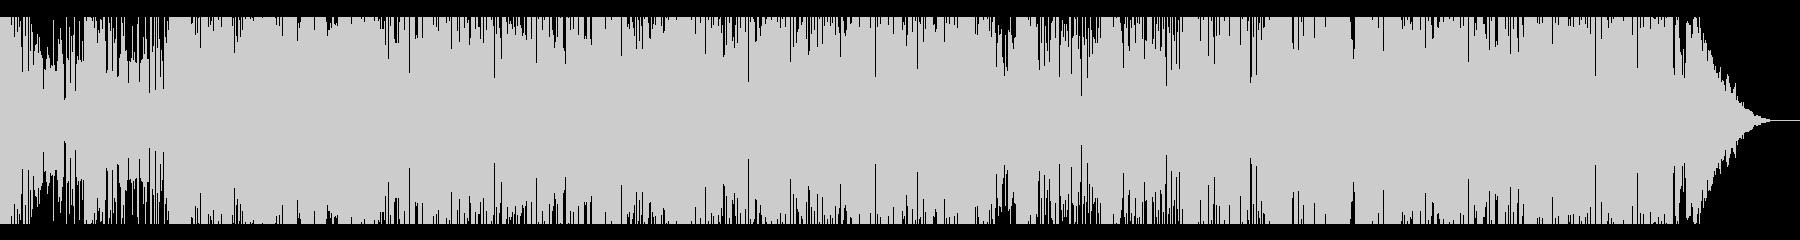 人気のある電子機器 神経質 ワイル...の未再生の波形